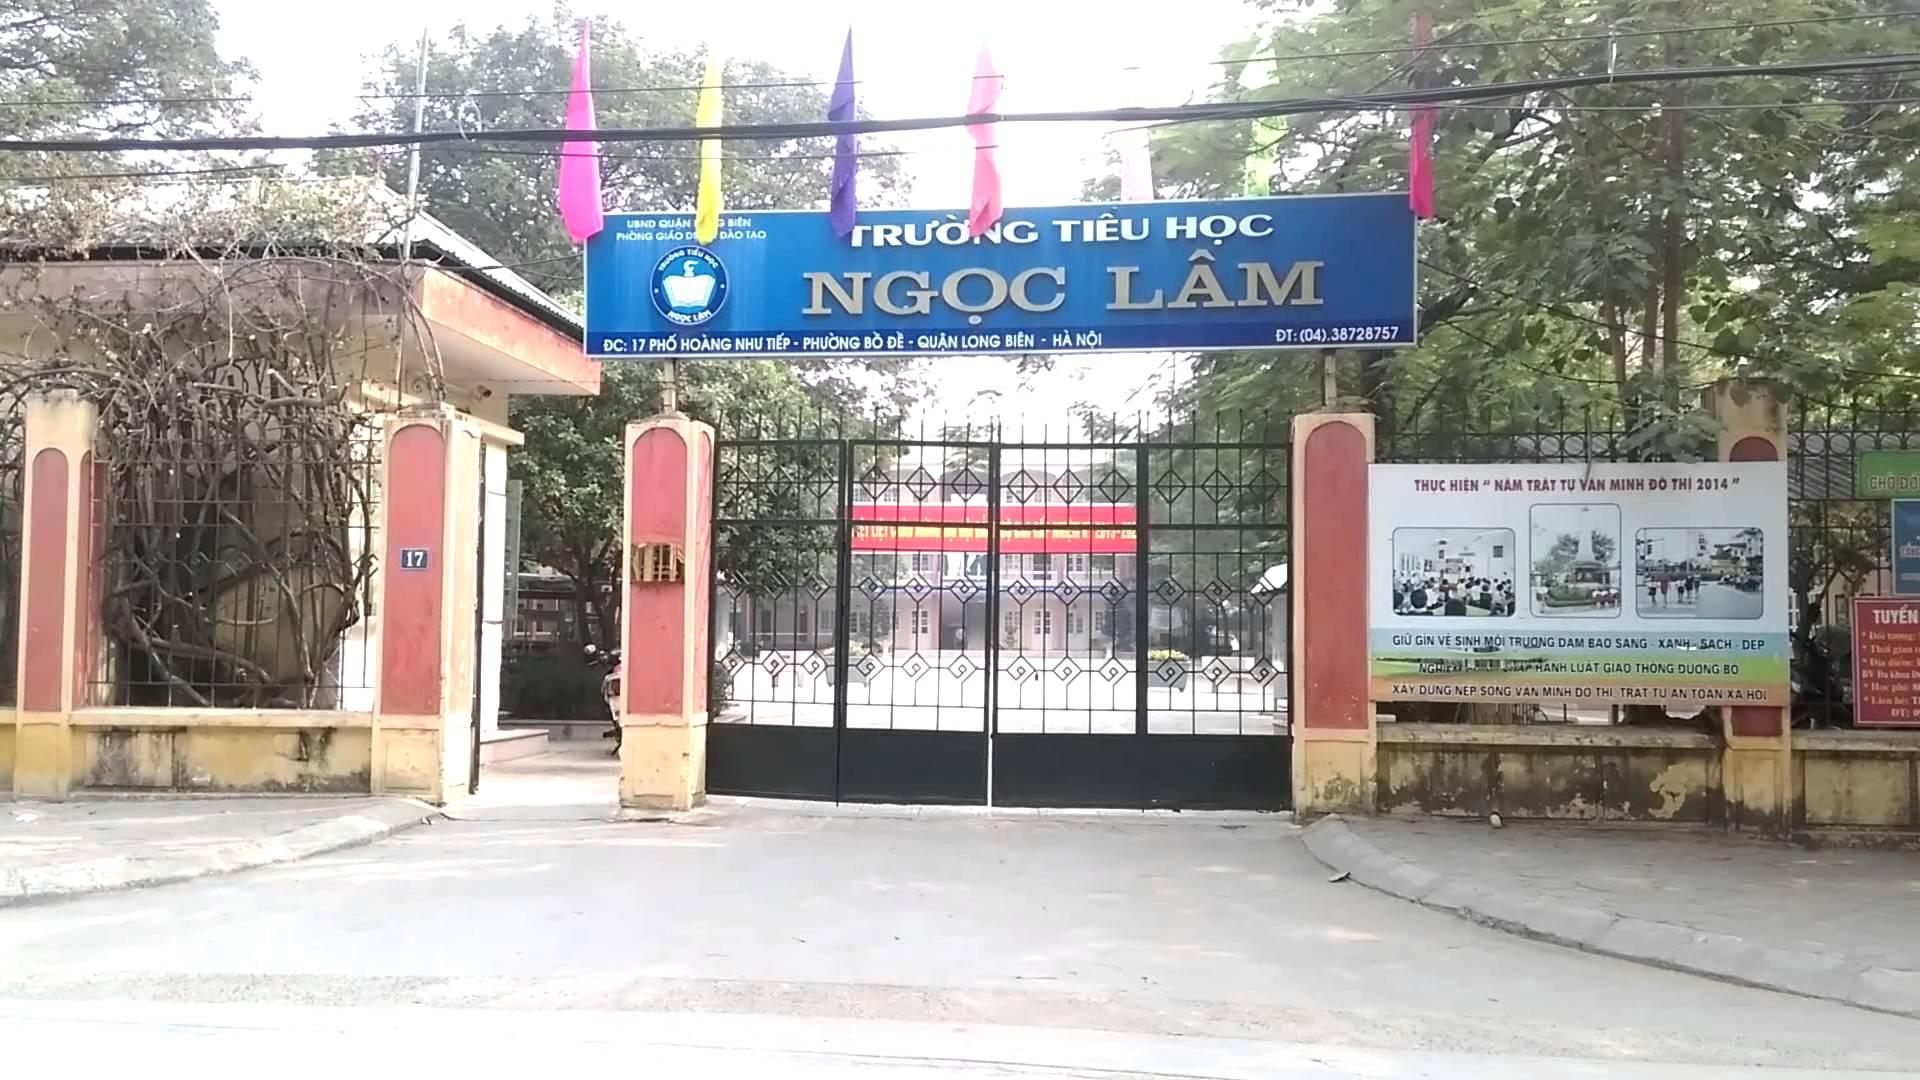 Ngọc Lâm - Tiểu học công lập quận Long Biên - Hà Nội (Ảnh: YouTube)